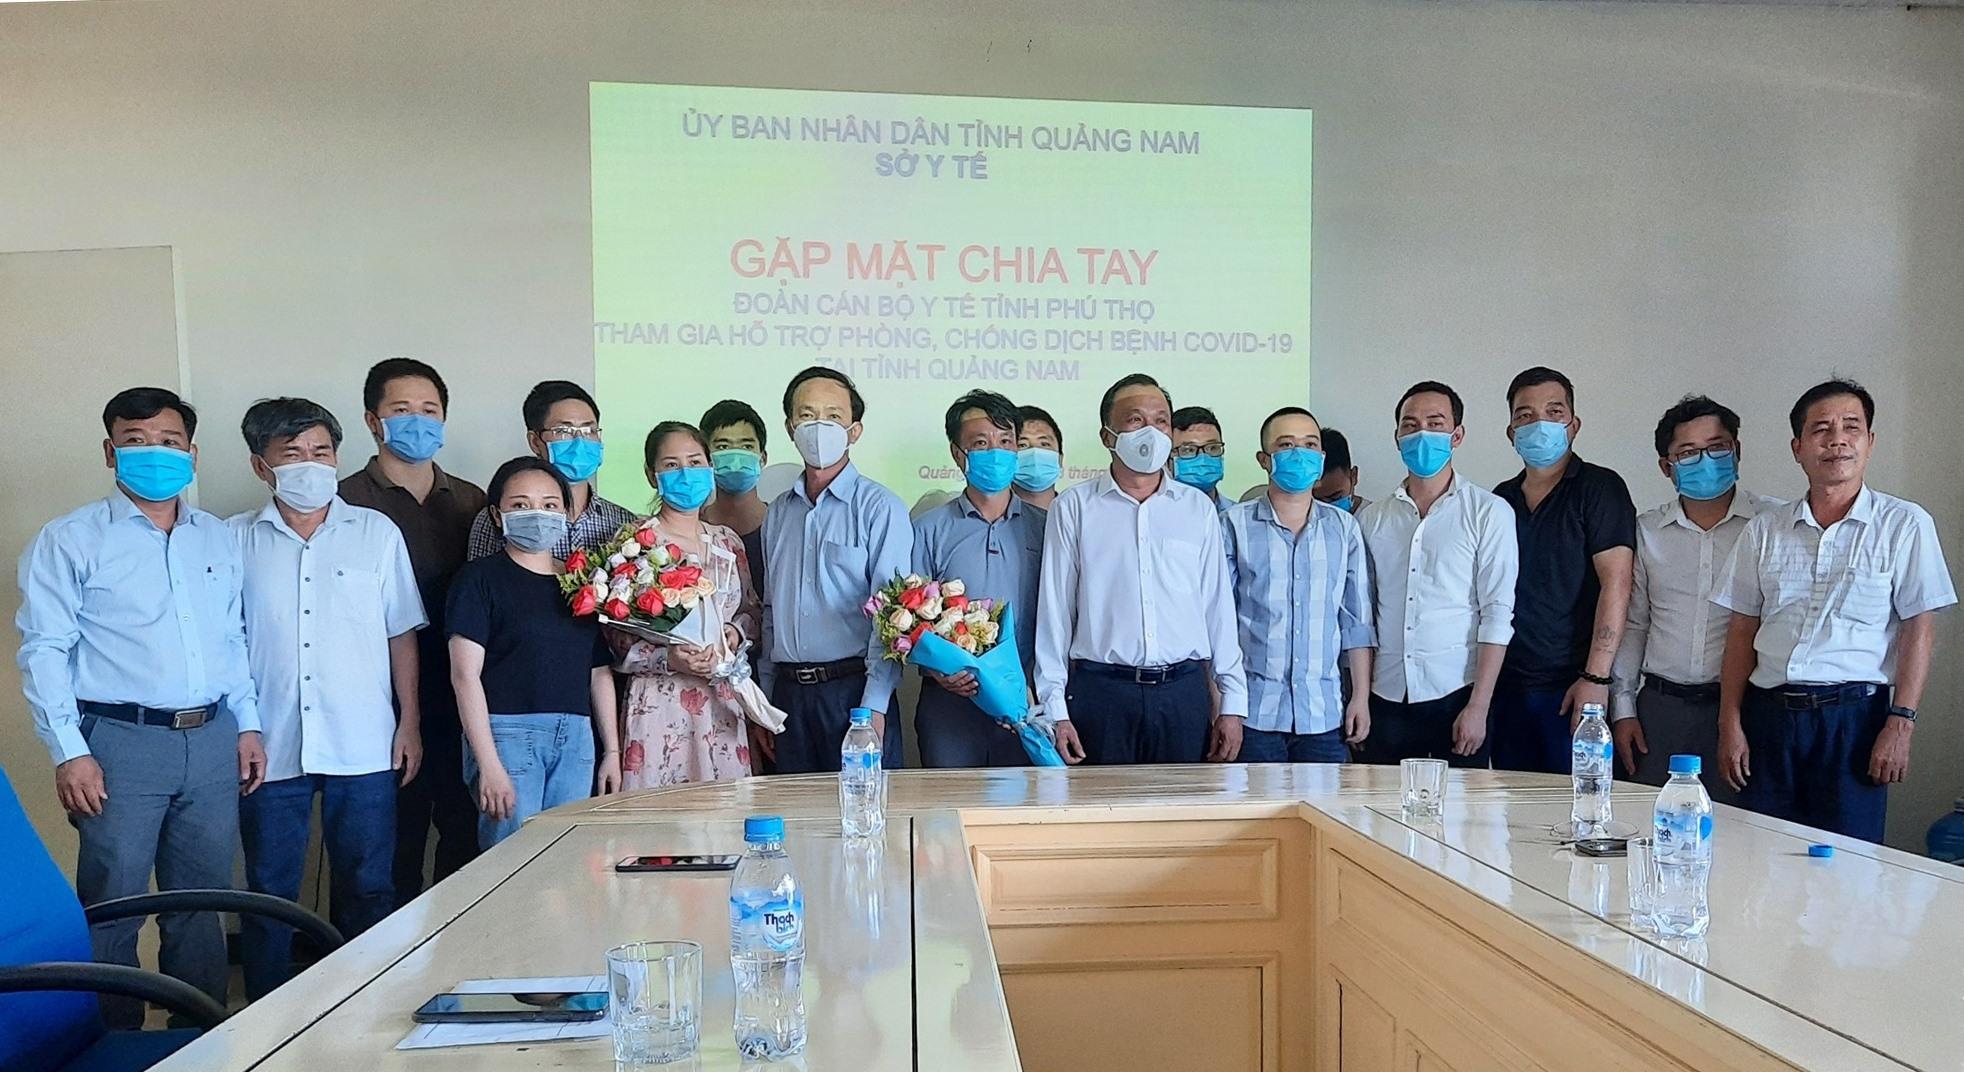 Các y bác sĩ tỉnh Phú Thọ chụp ảnh lưu niệm trước khi chia tay Quảng Nam trở về quê hương sau khi hoàn thành công tác tình nguyện. Ảnh: Đ. ĐẠO